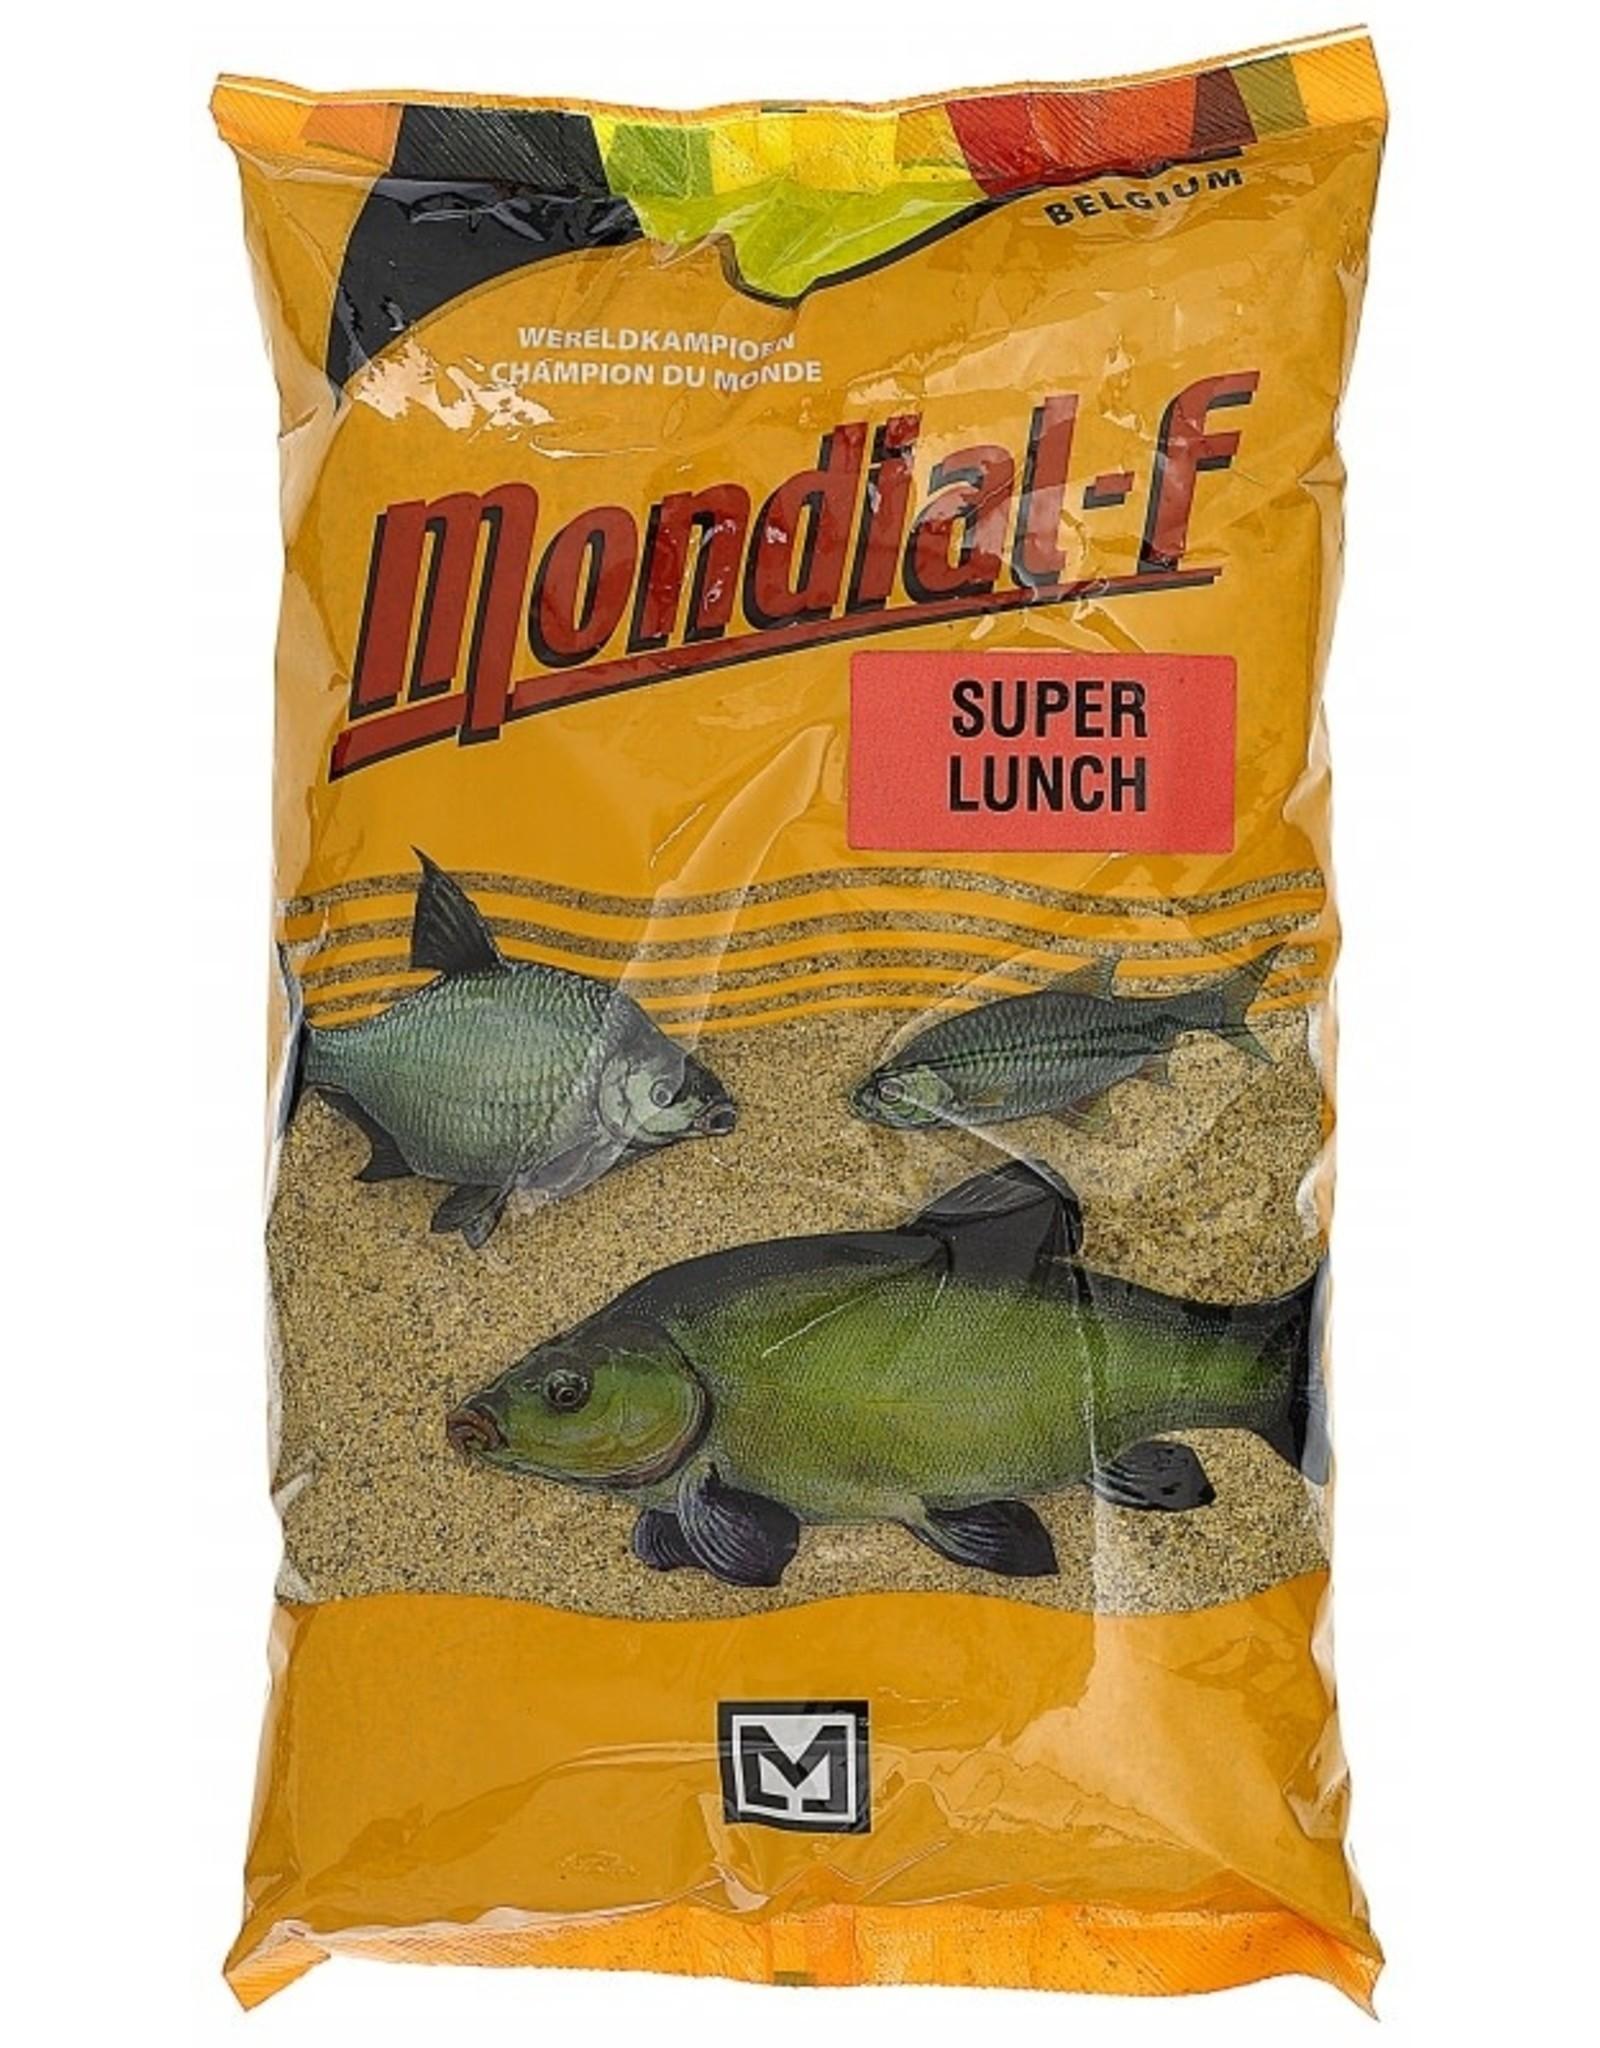 Marcel van de Eynde Mondial-f Super Lunch